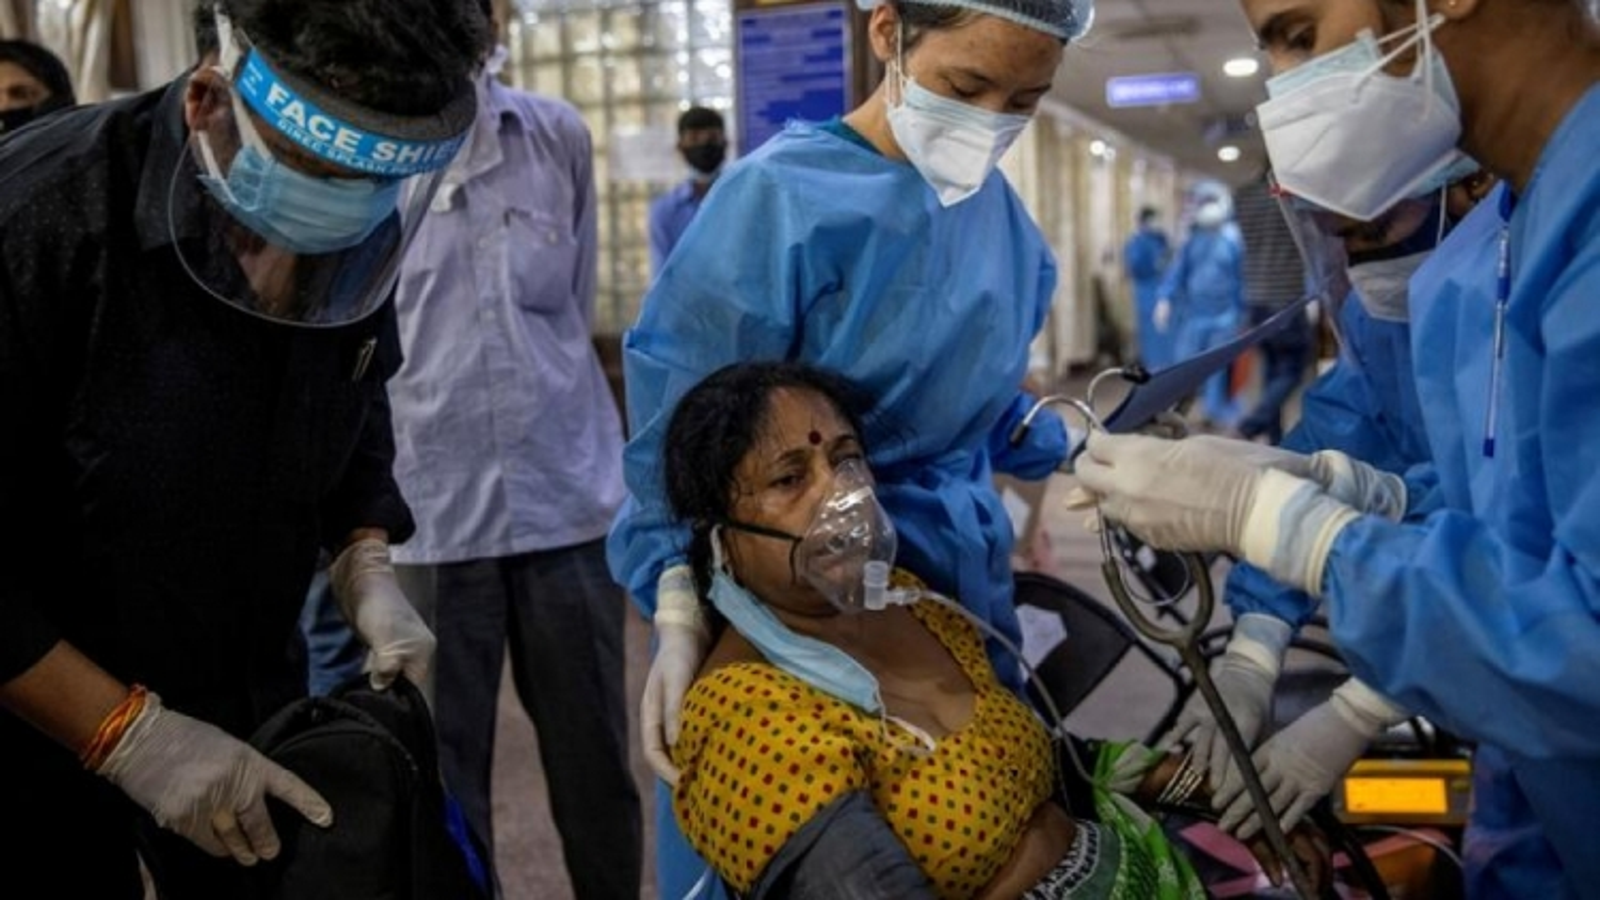 Với gần20 triệu ca COVID-19,Ấn Độ tiếp tục nhận vật tư y tế từ châu Âu